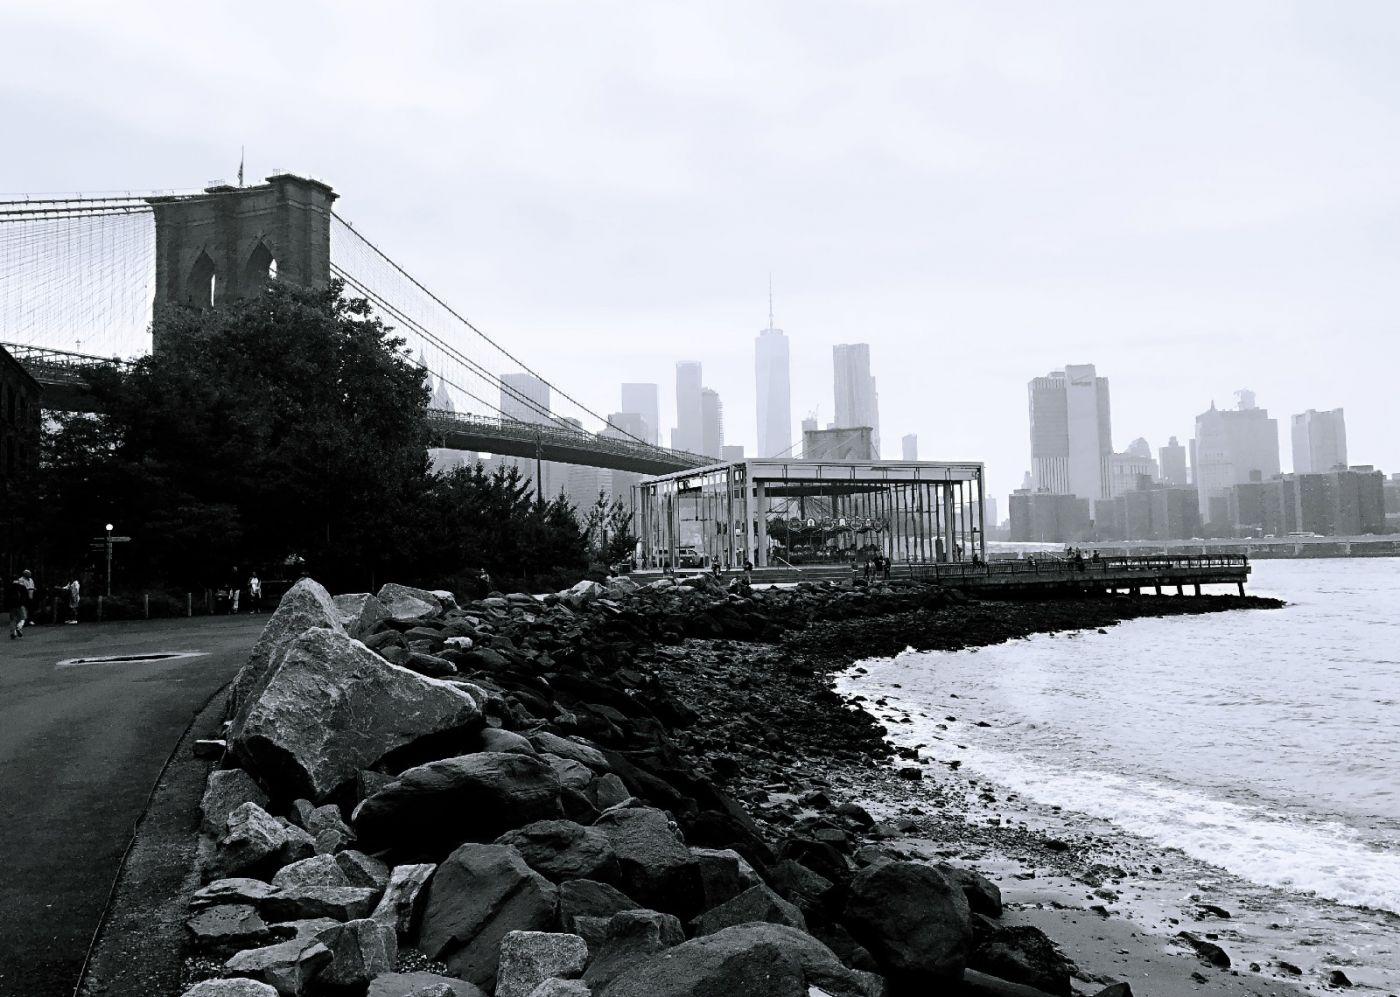 【田螺手机摄影】拍摄灯柱纪念911恐襲17周年_图1-24